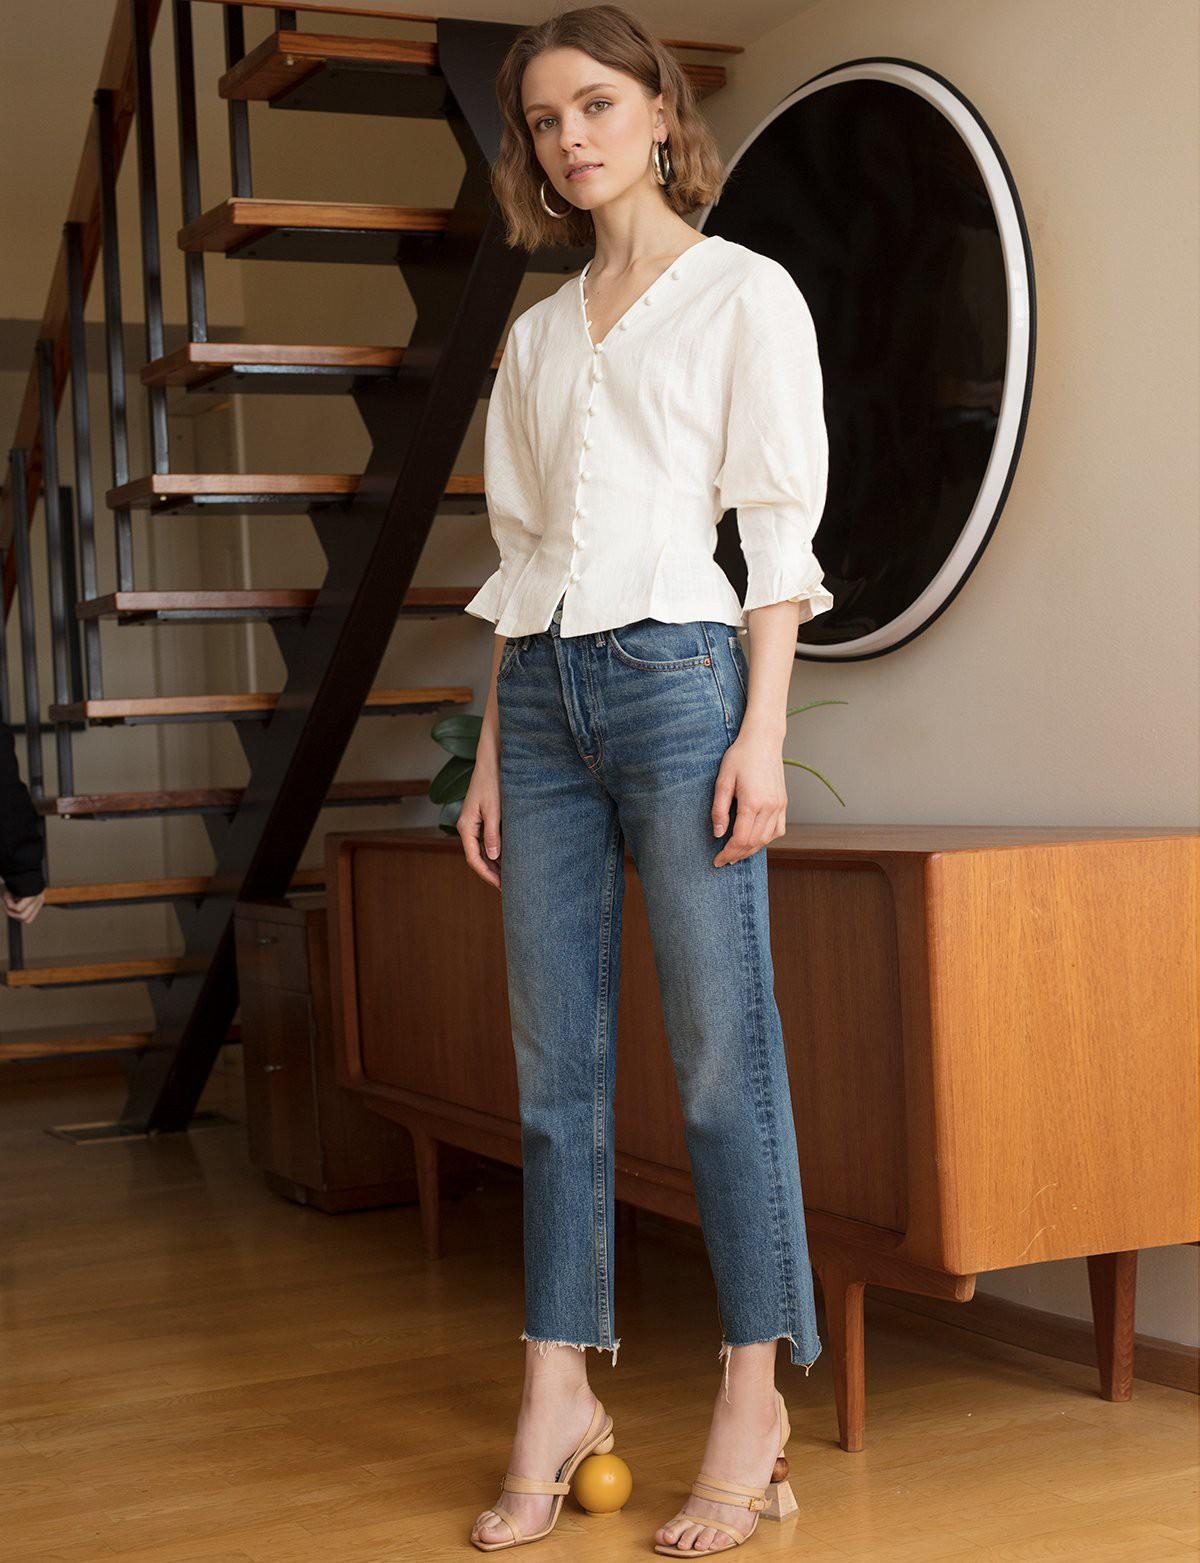 10 kiểu áo blouse hot nhất hiện nay, ngắm rồi chỉ muốn sắm cho bằng hết để mặc - Ảnh 22.